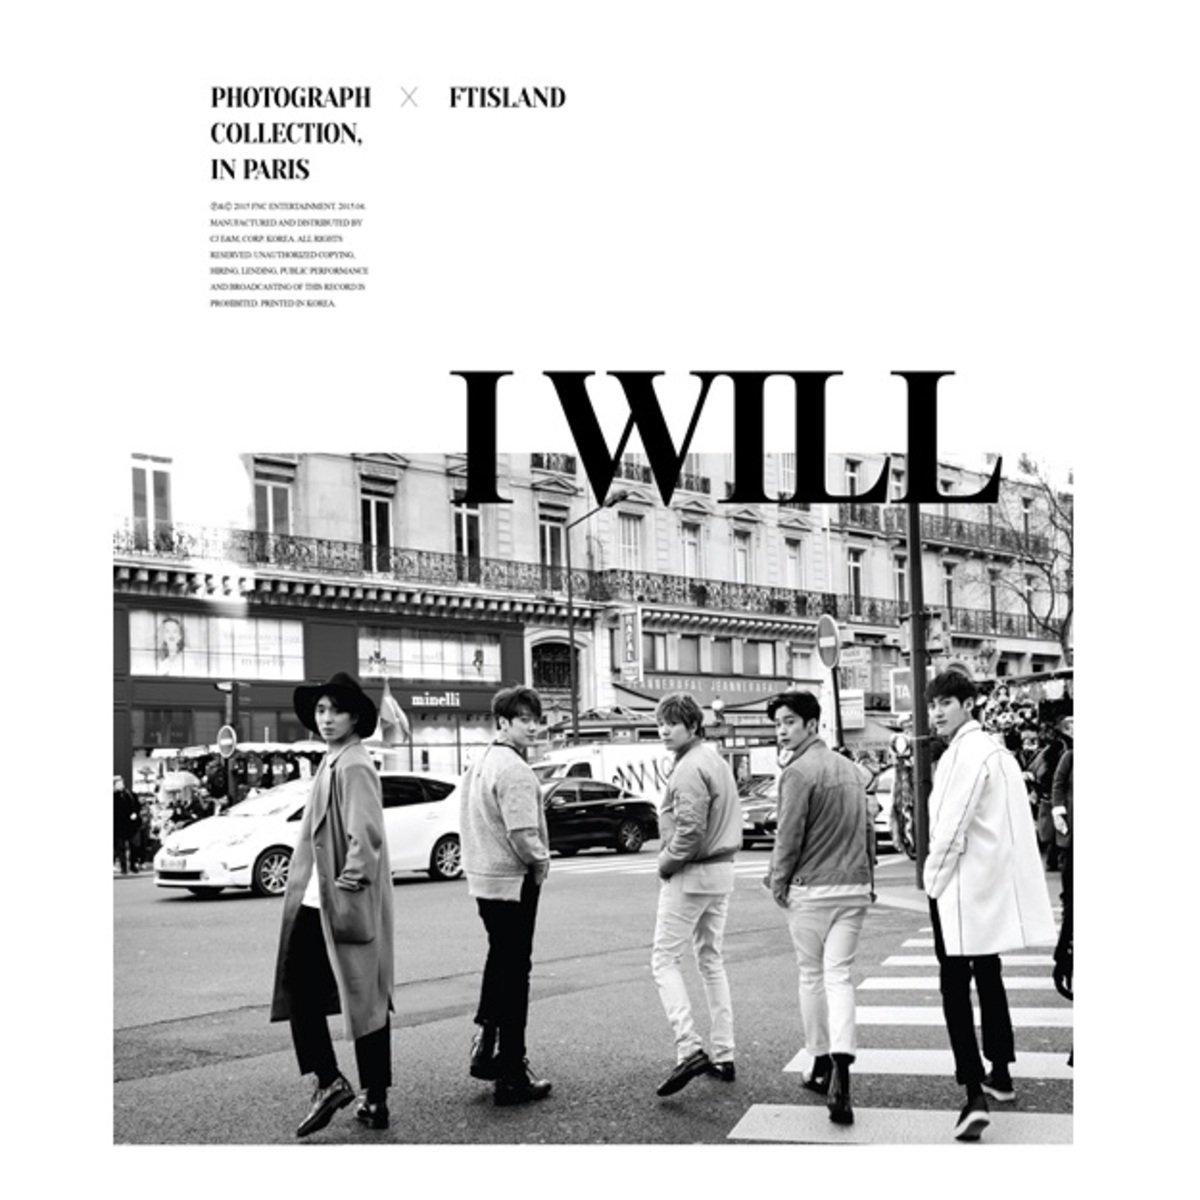 FTISLAND - Vol.5 [I WILL] (Speicial Ver.)_GD00018205